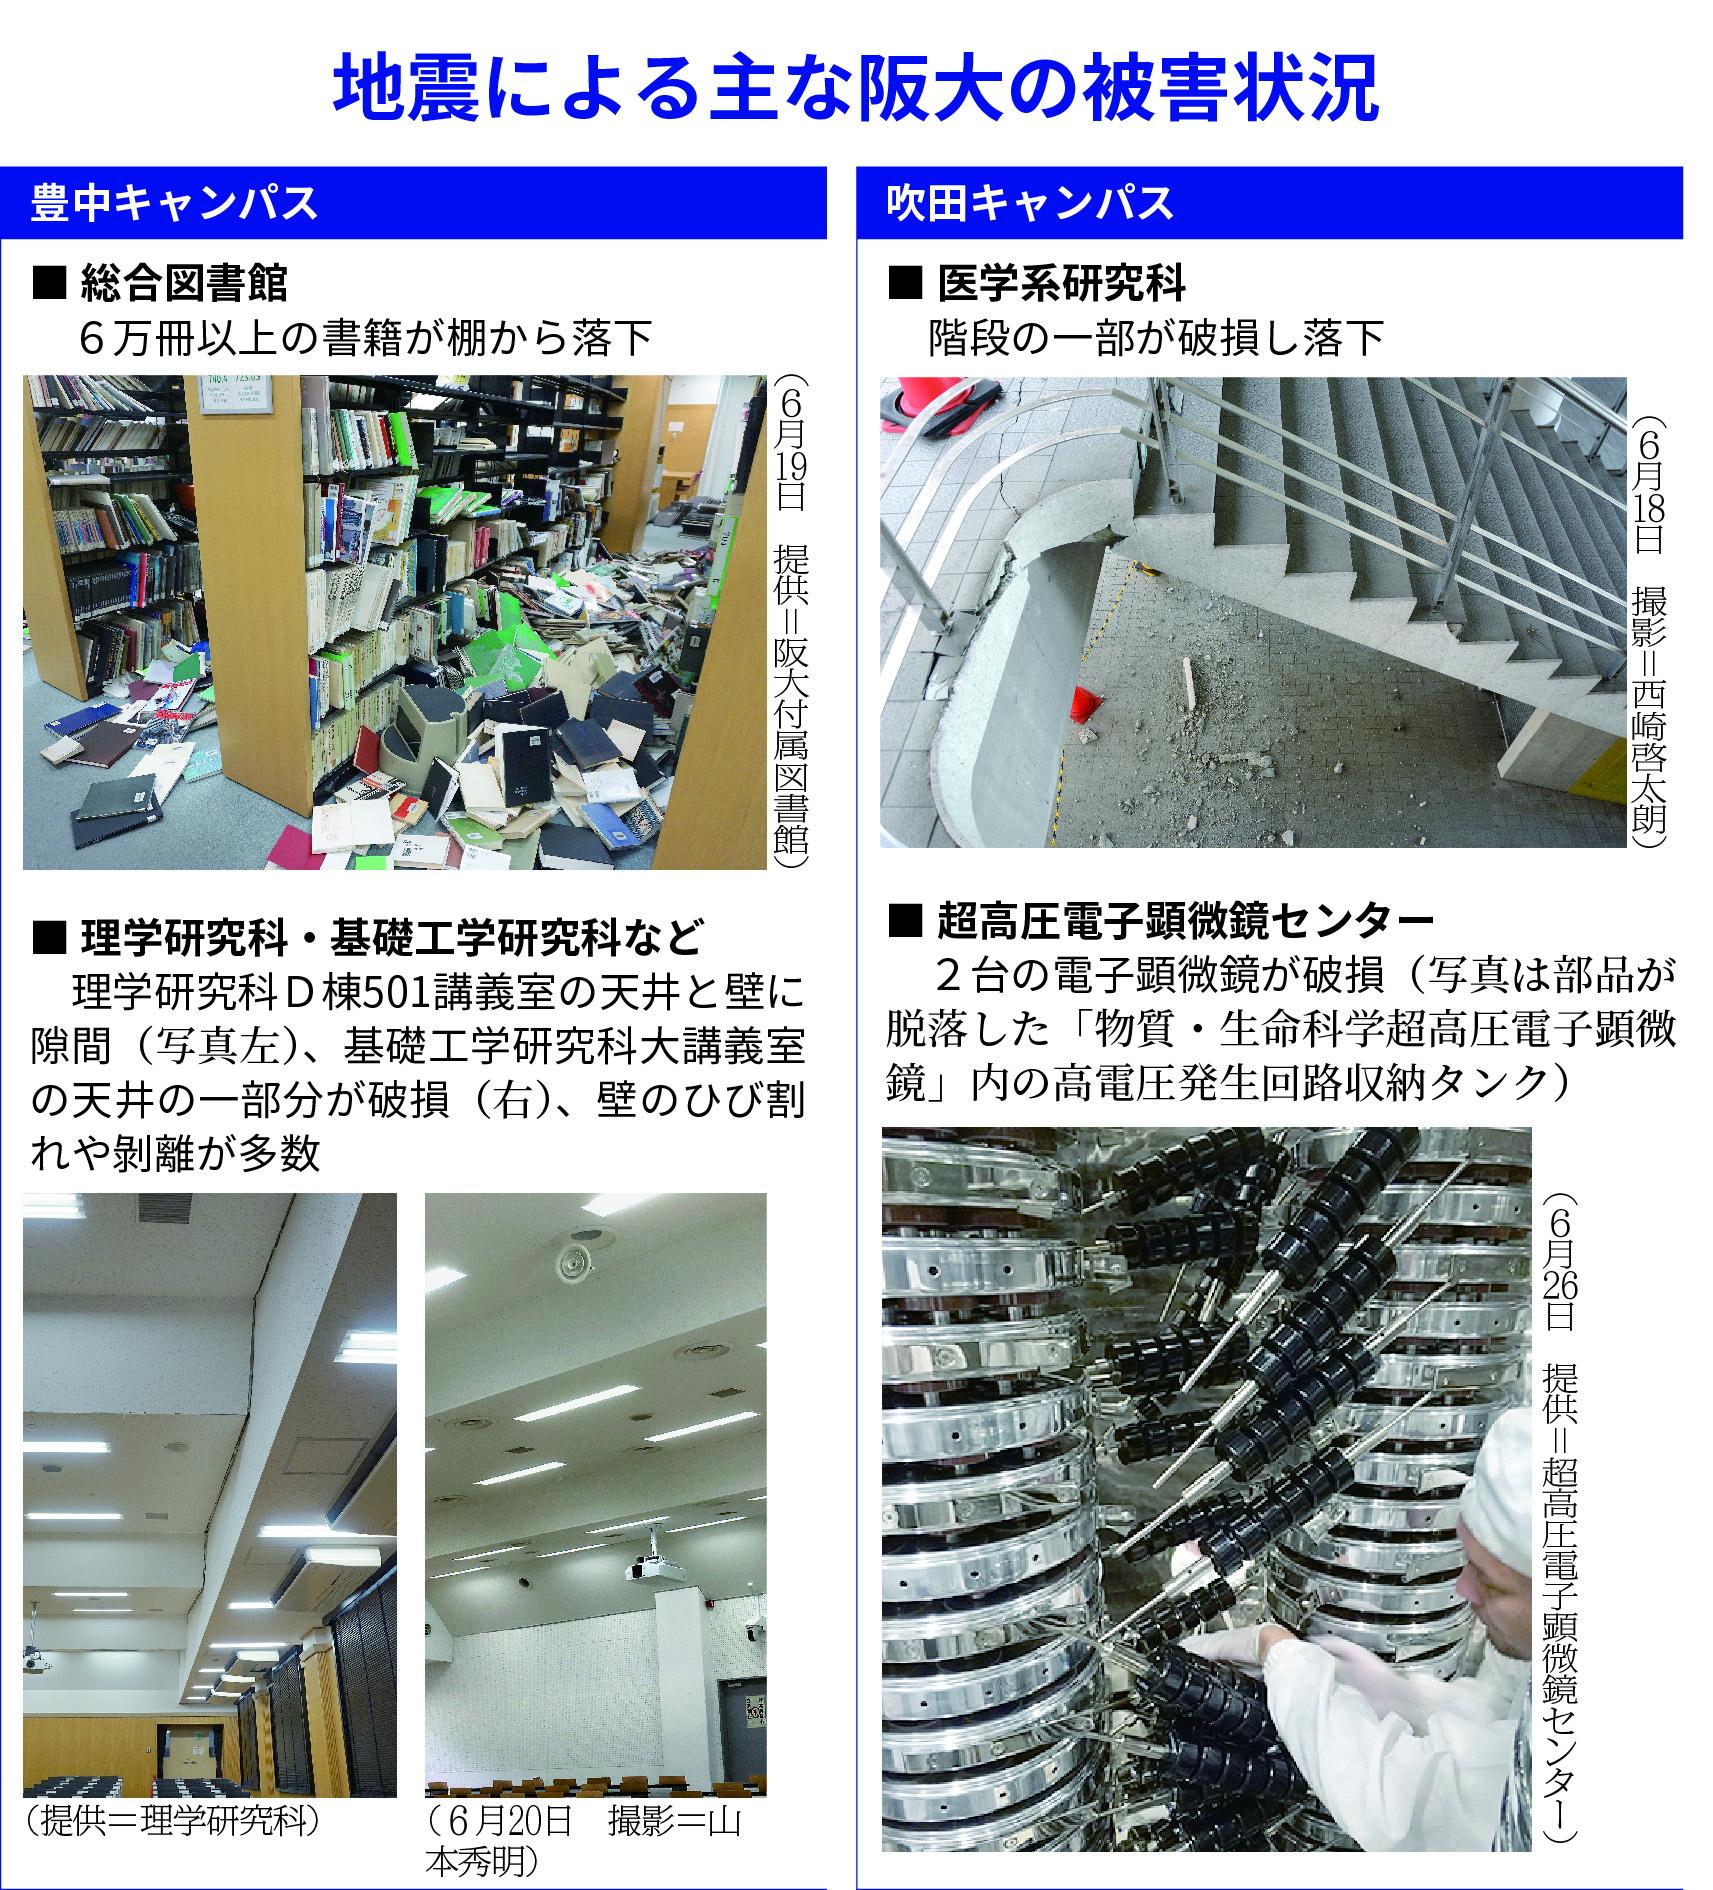 地震による主な阪大の被害状況